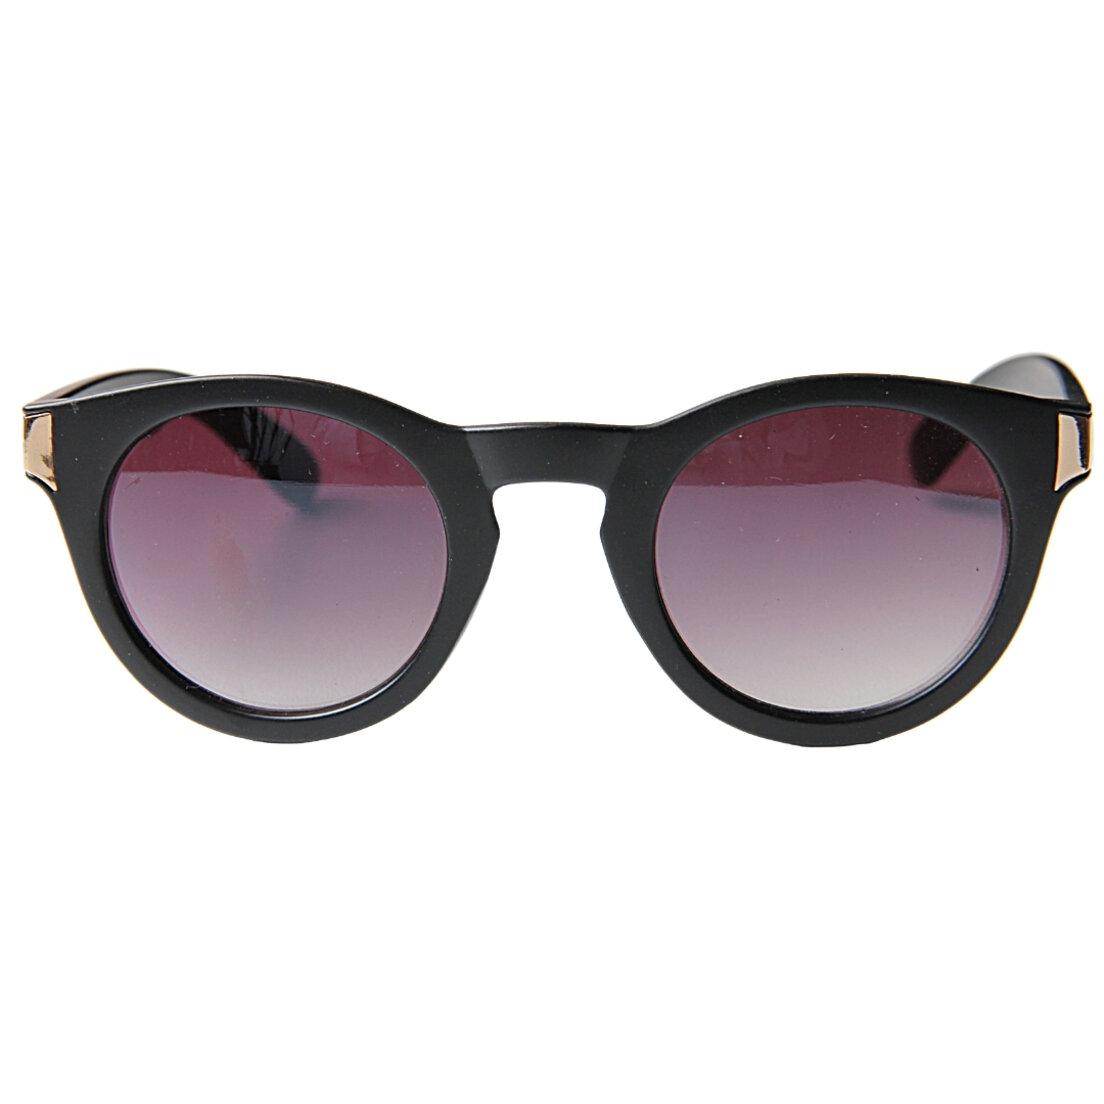 OUTLET - Óculos de Sol Khatto Round Young Renata